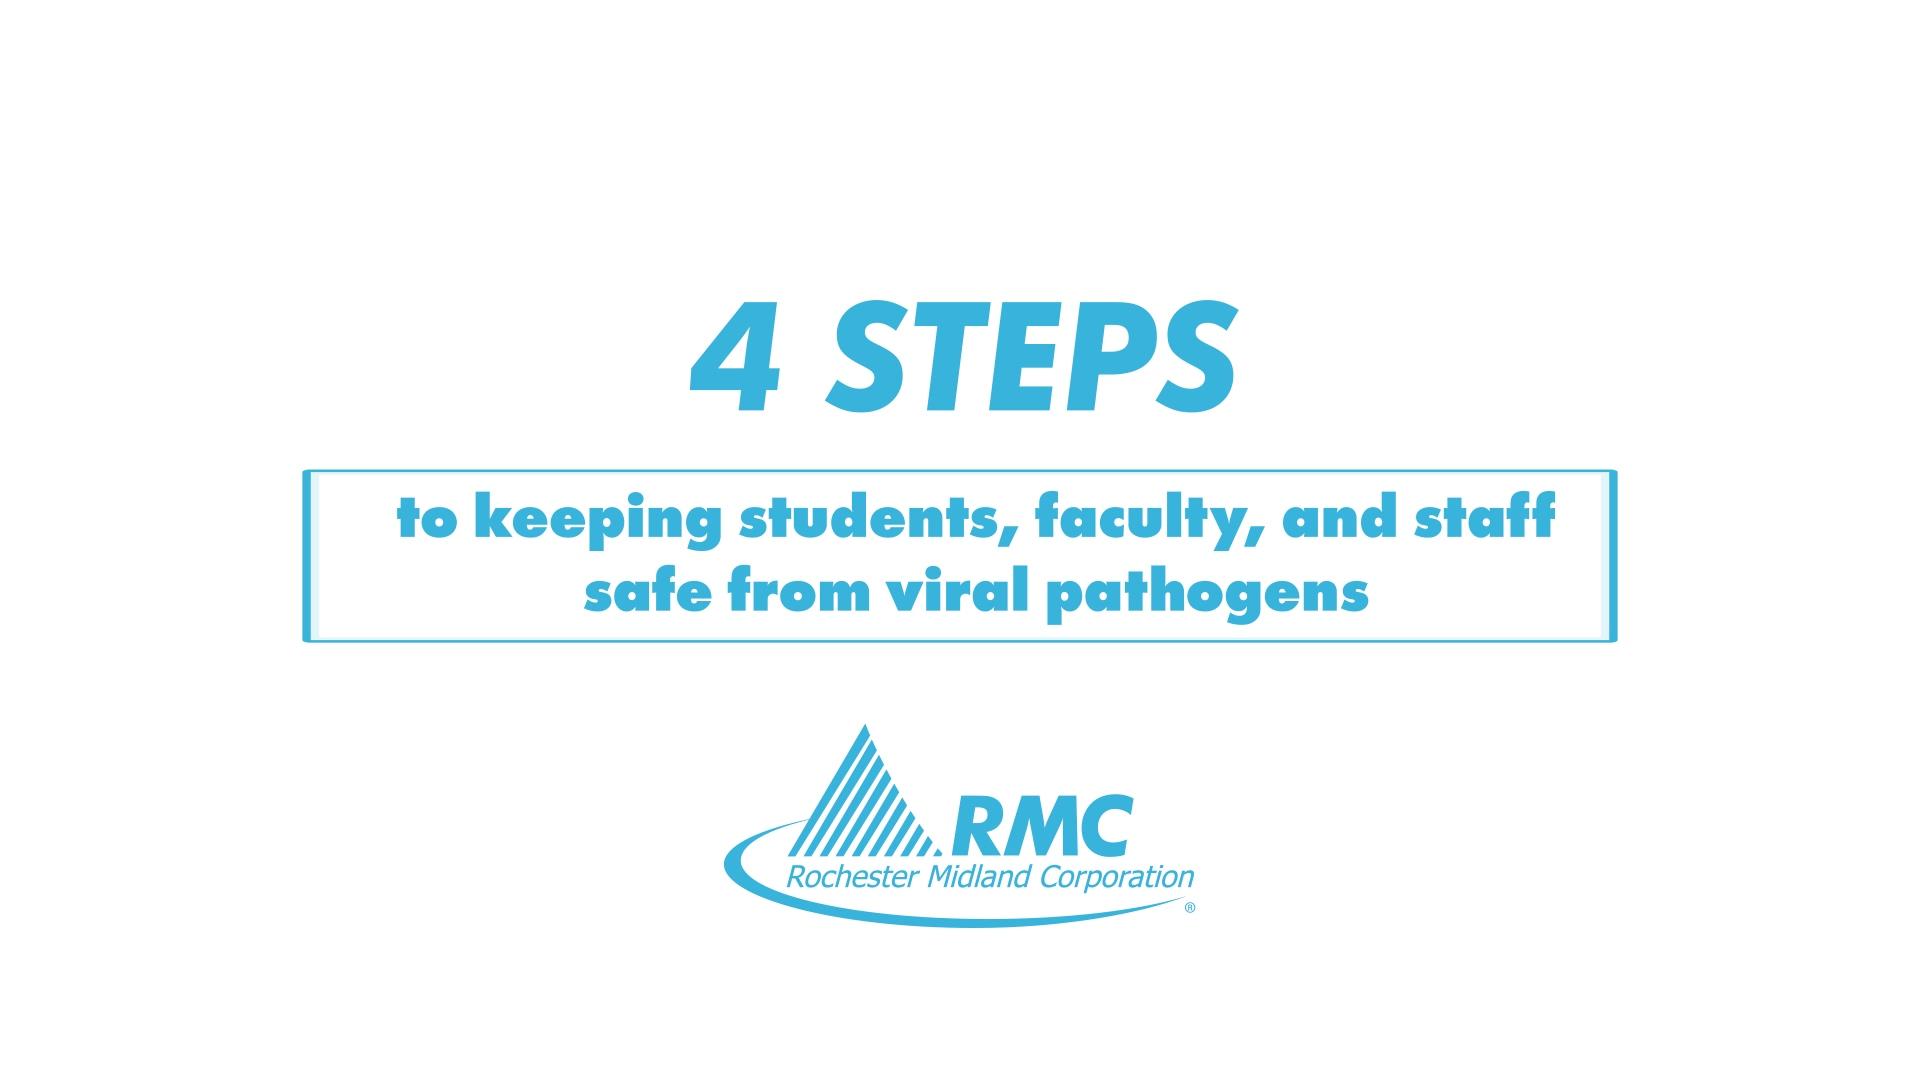 rochester-midland-wellbeing-hygiene-4-steps-viral-pathogen-safety-1